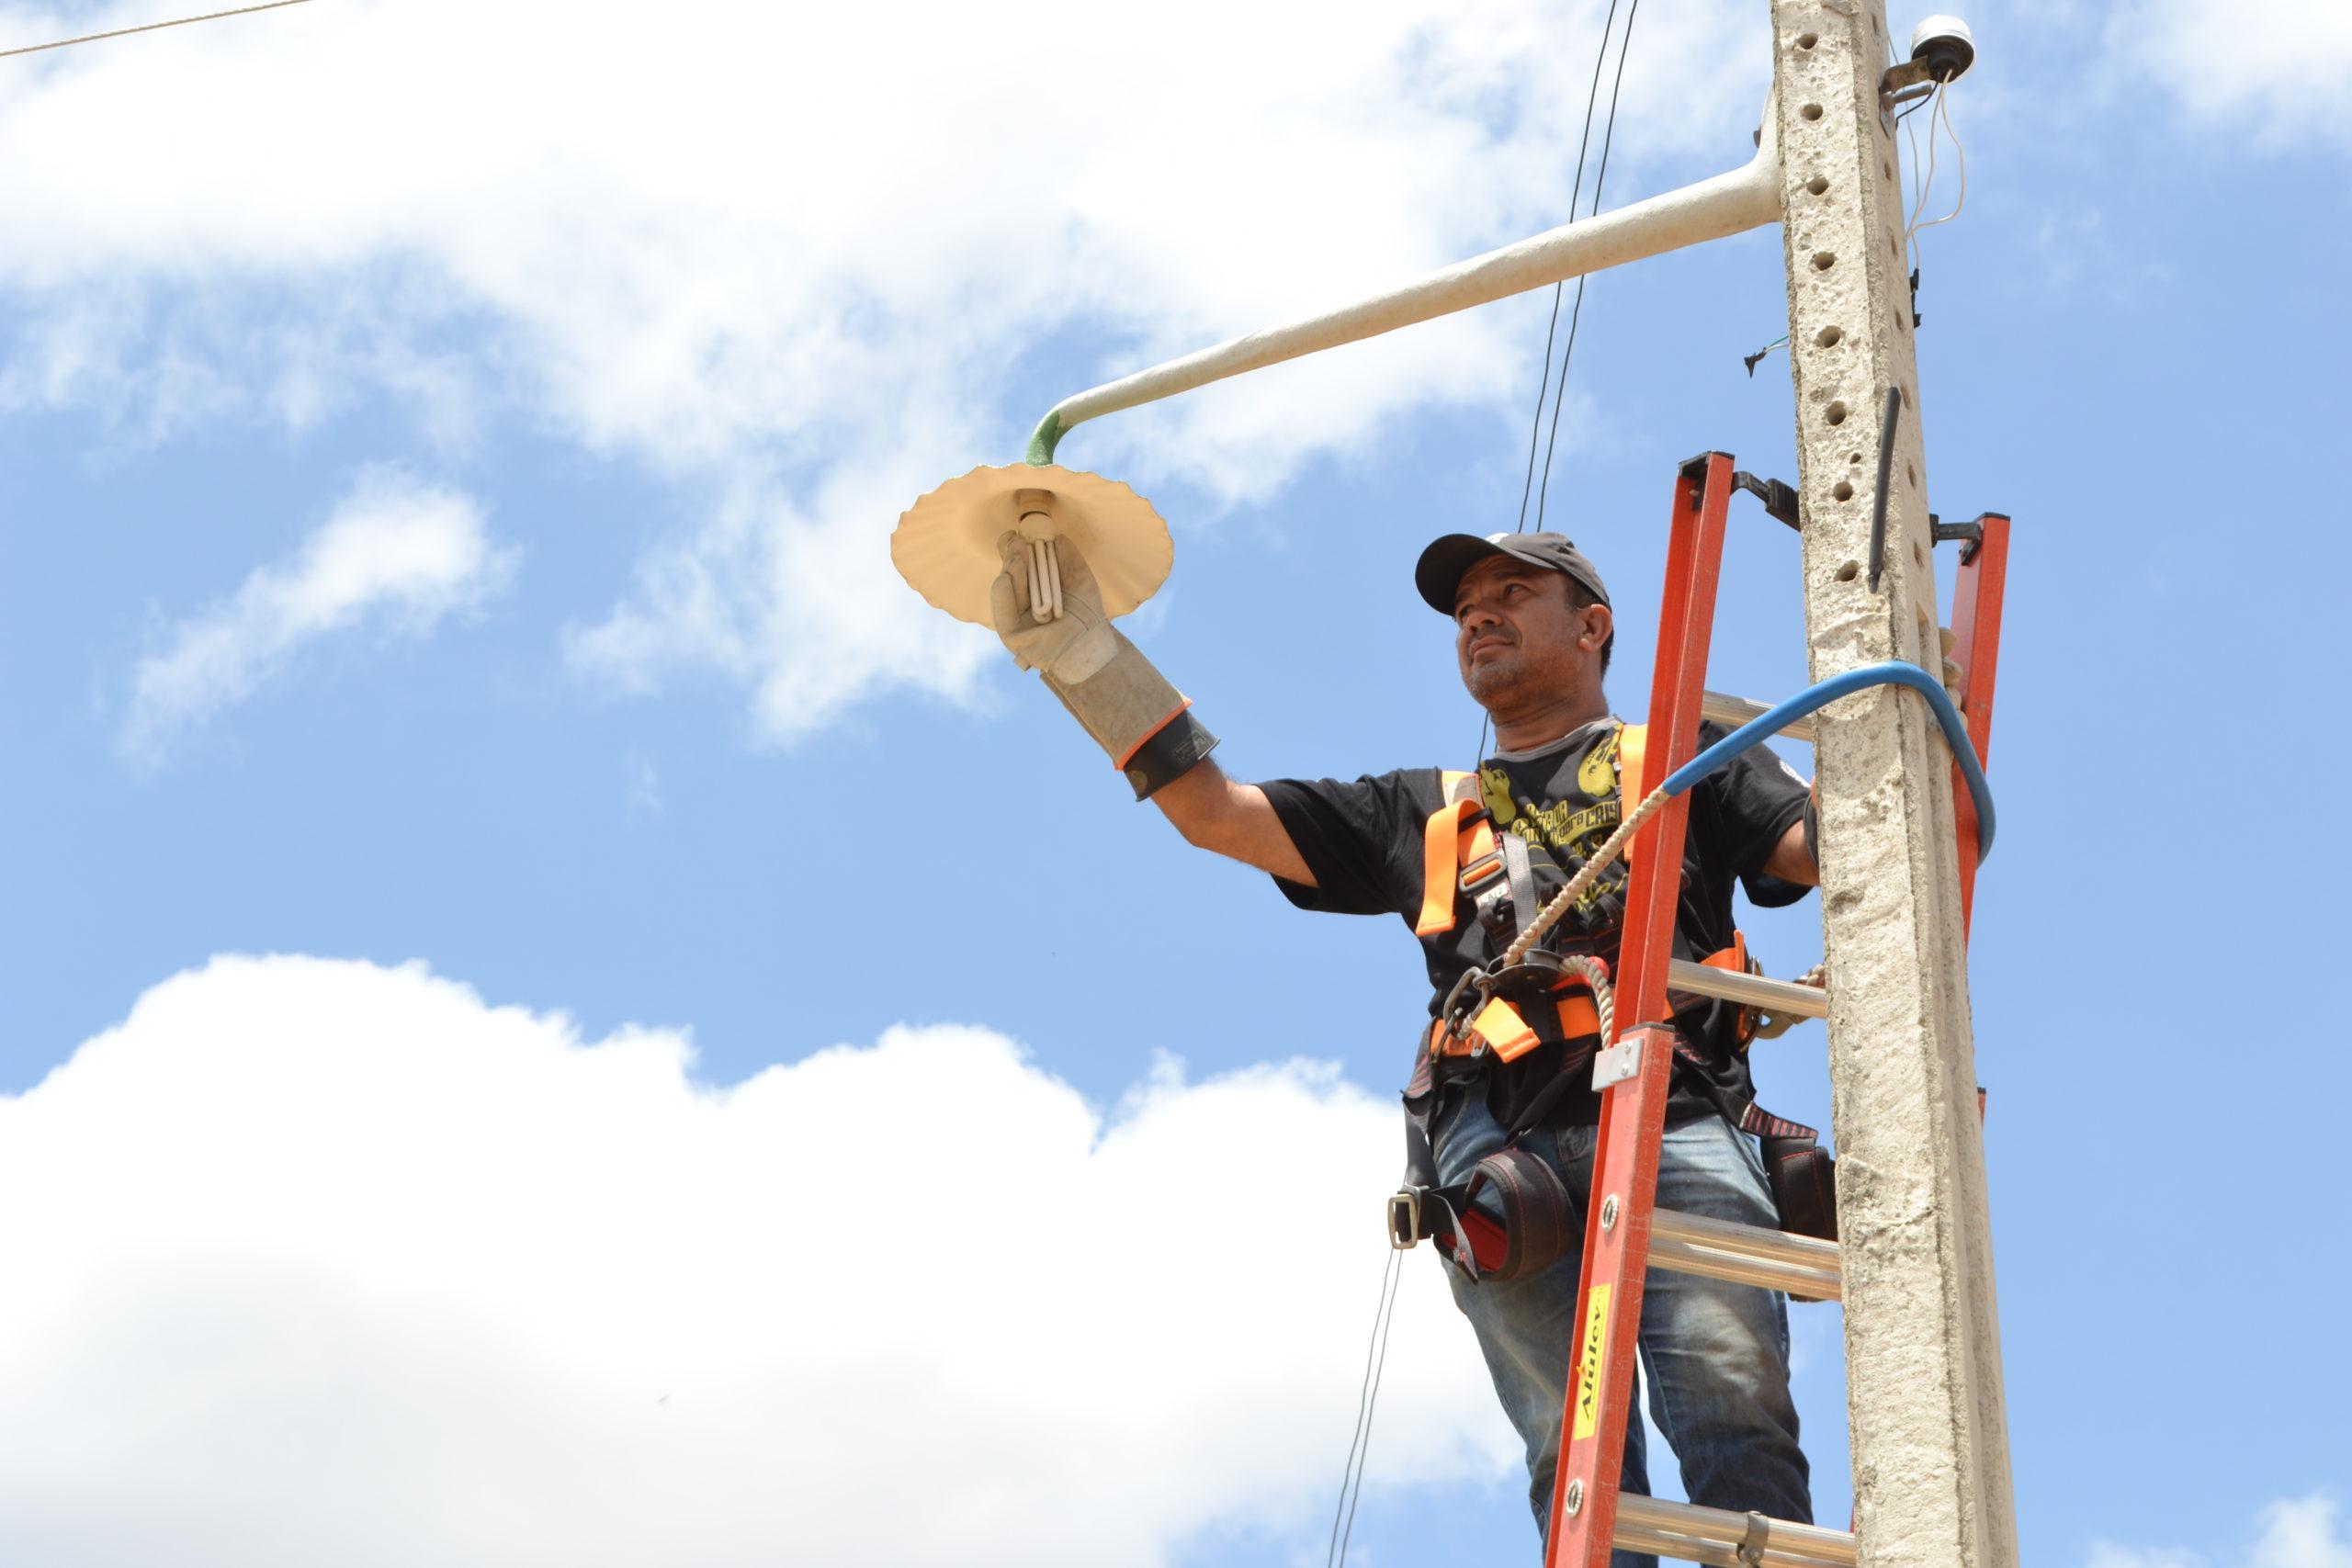 trabalho-de-reposição-de-lâmpada-scaled Secretaria de Agricultura de Monteiro realiza serviços com quatro equipes na zona rural